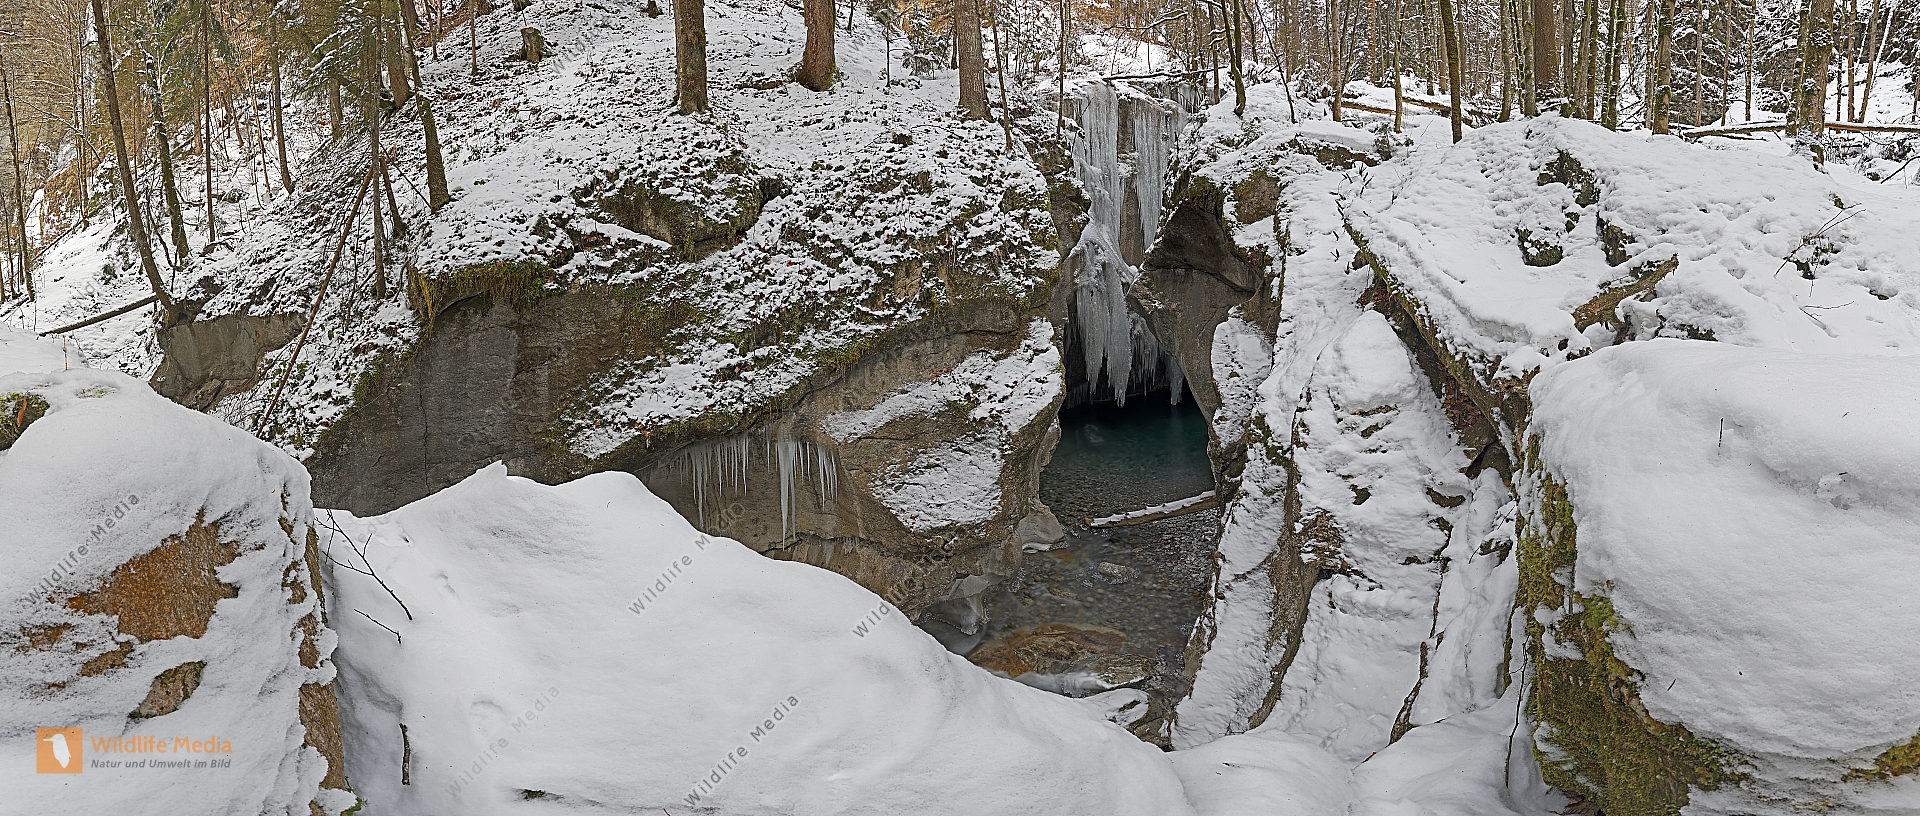 Taugler Strubklamm Winter Panorama